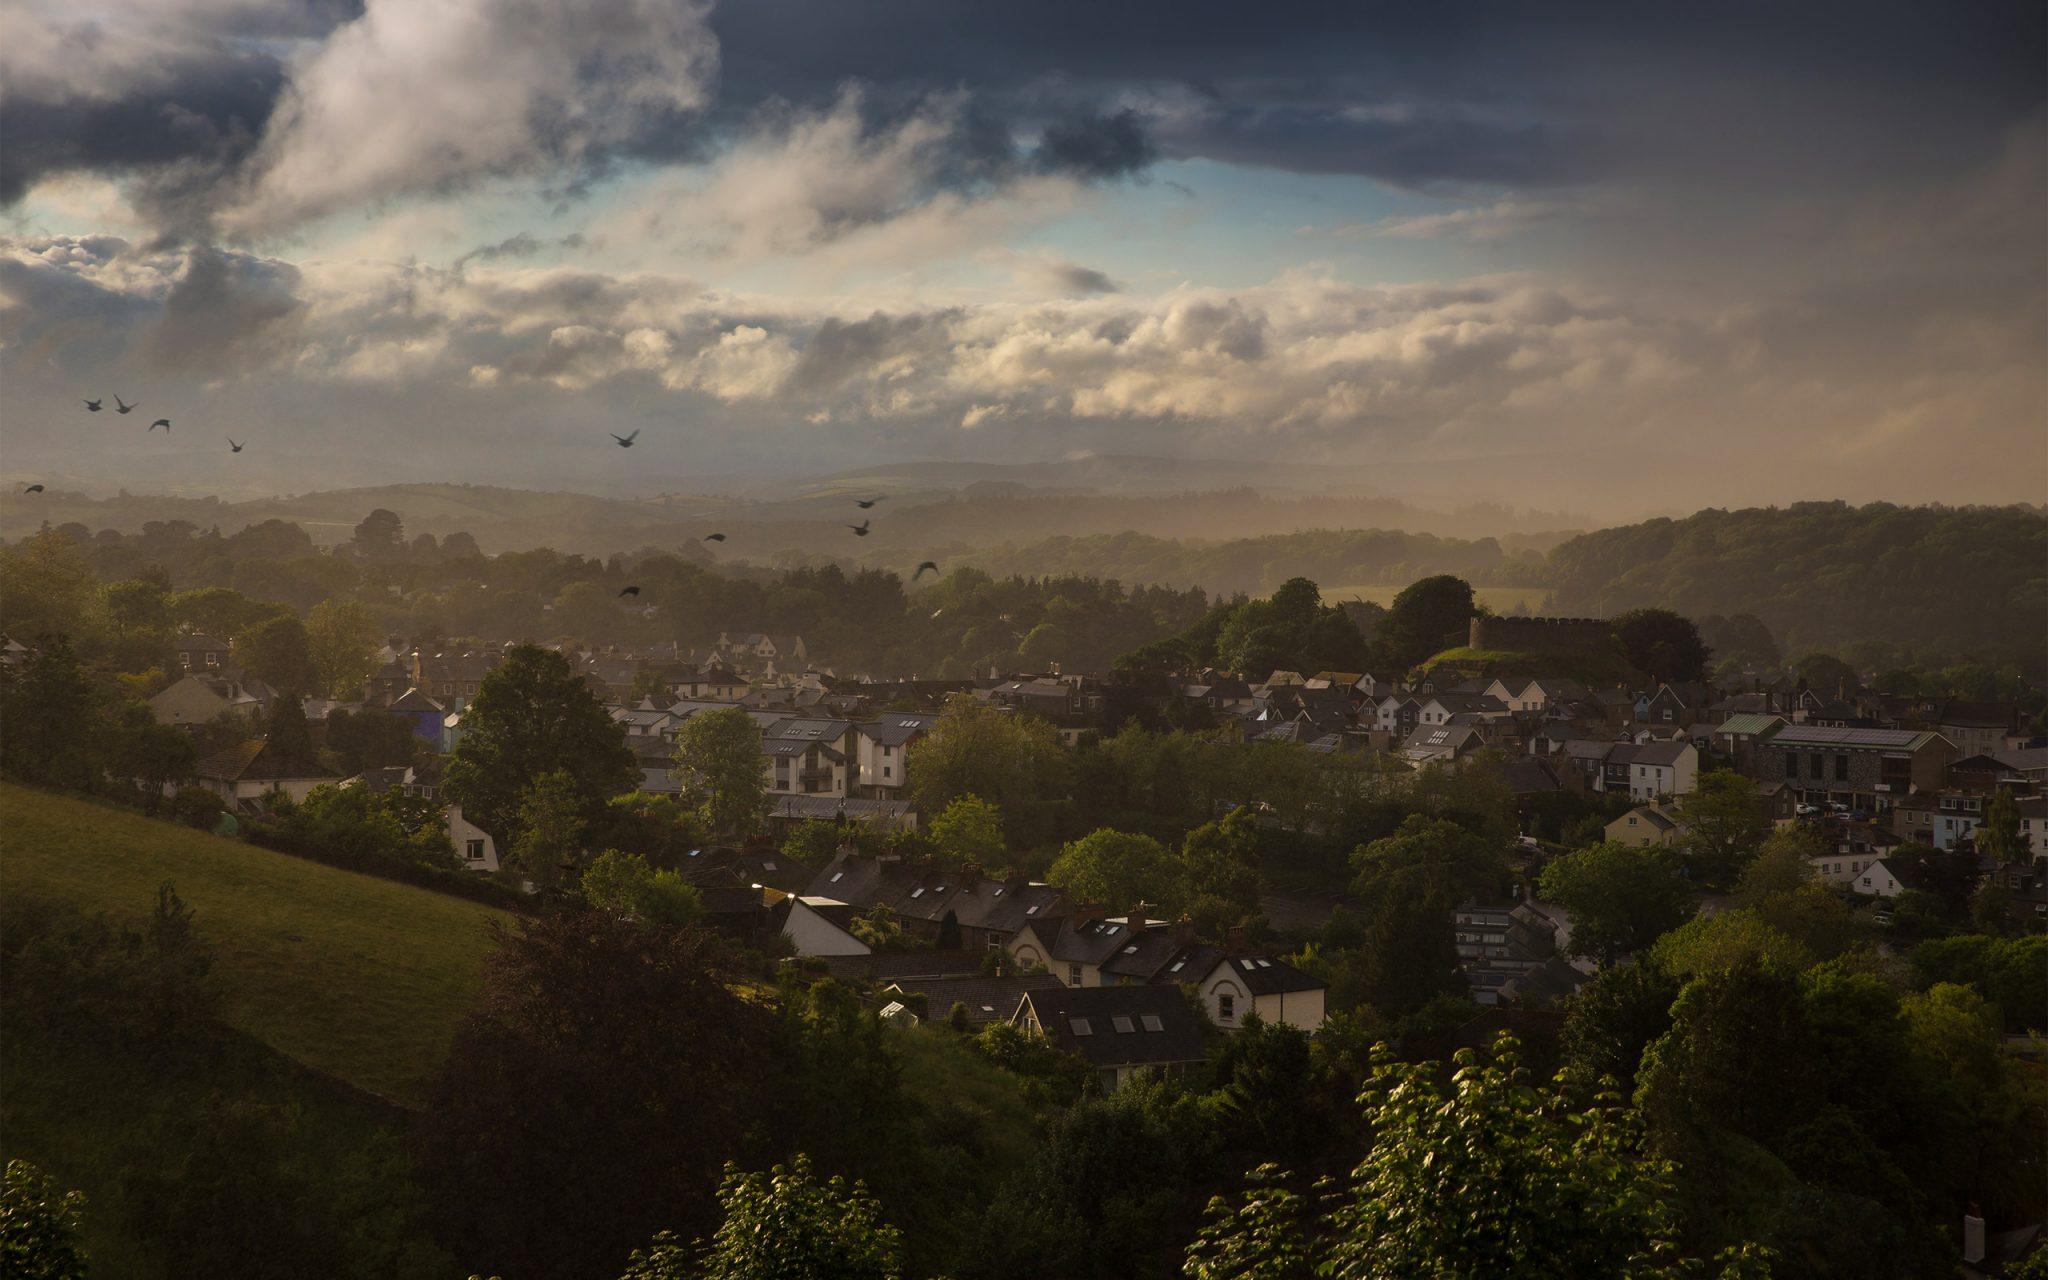 View of totnes in Devon. Sudden flash rain storm. Looking to Dartmoor, the 1000-year old Norman castle.